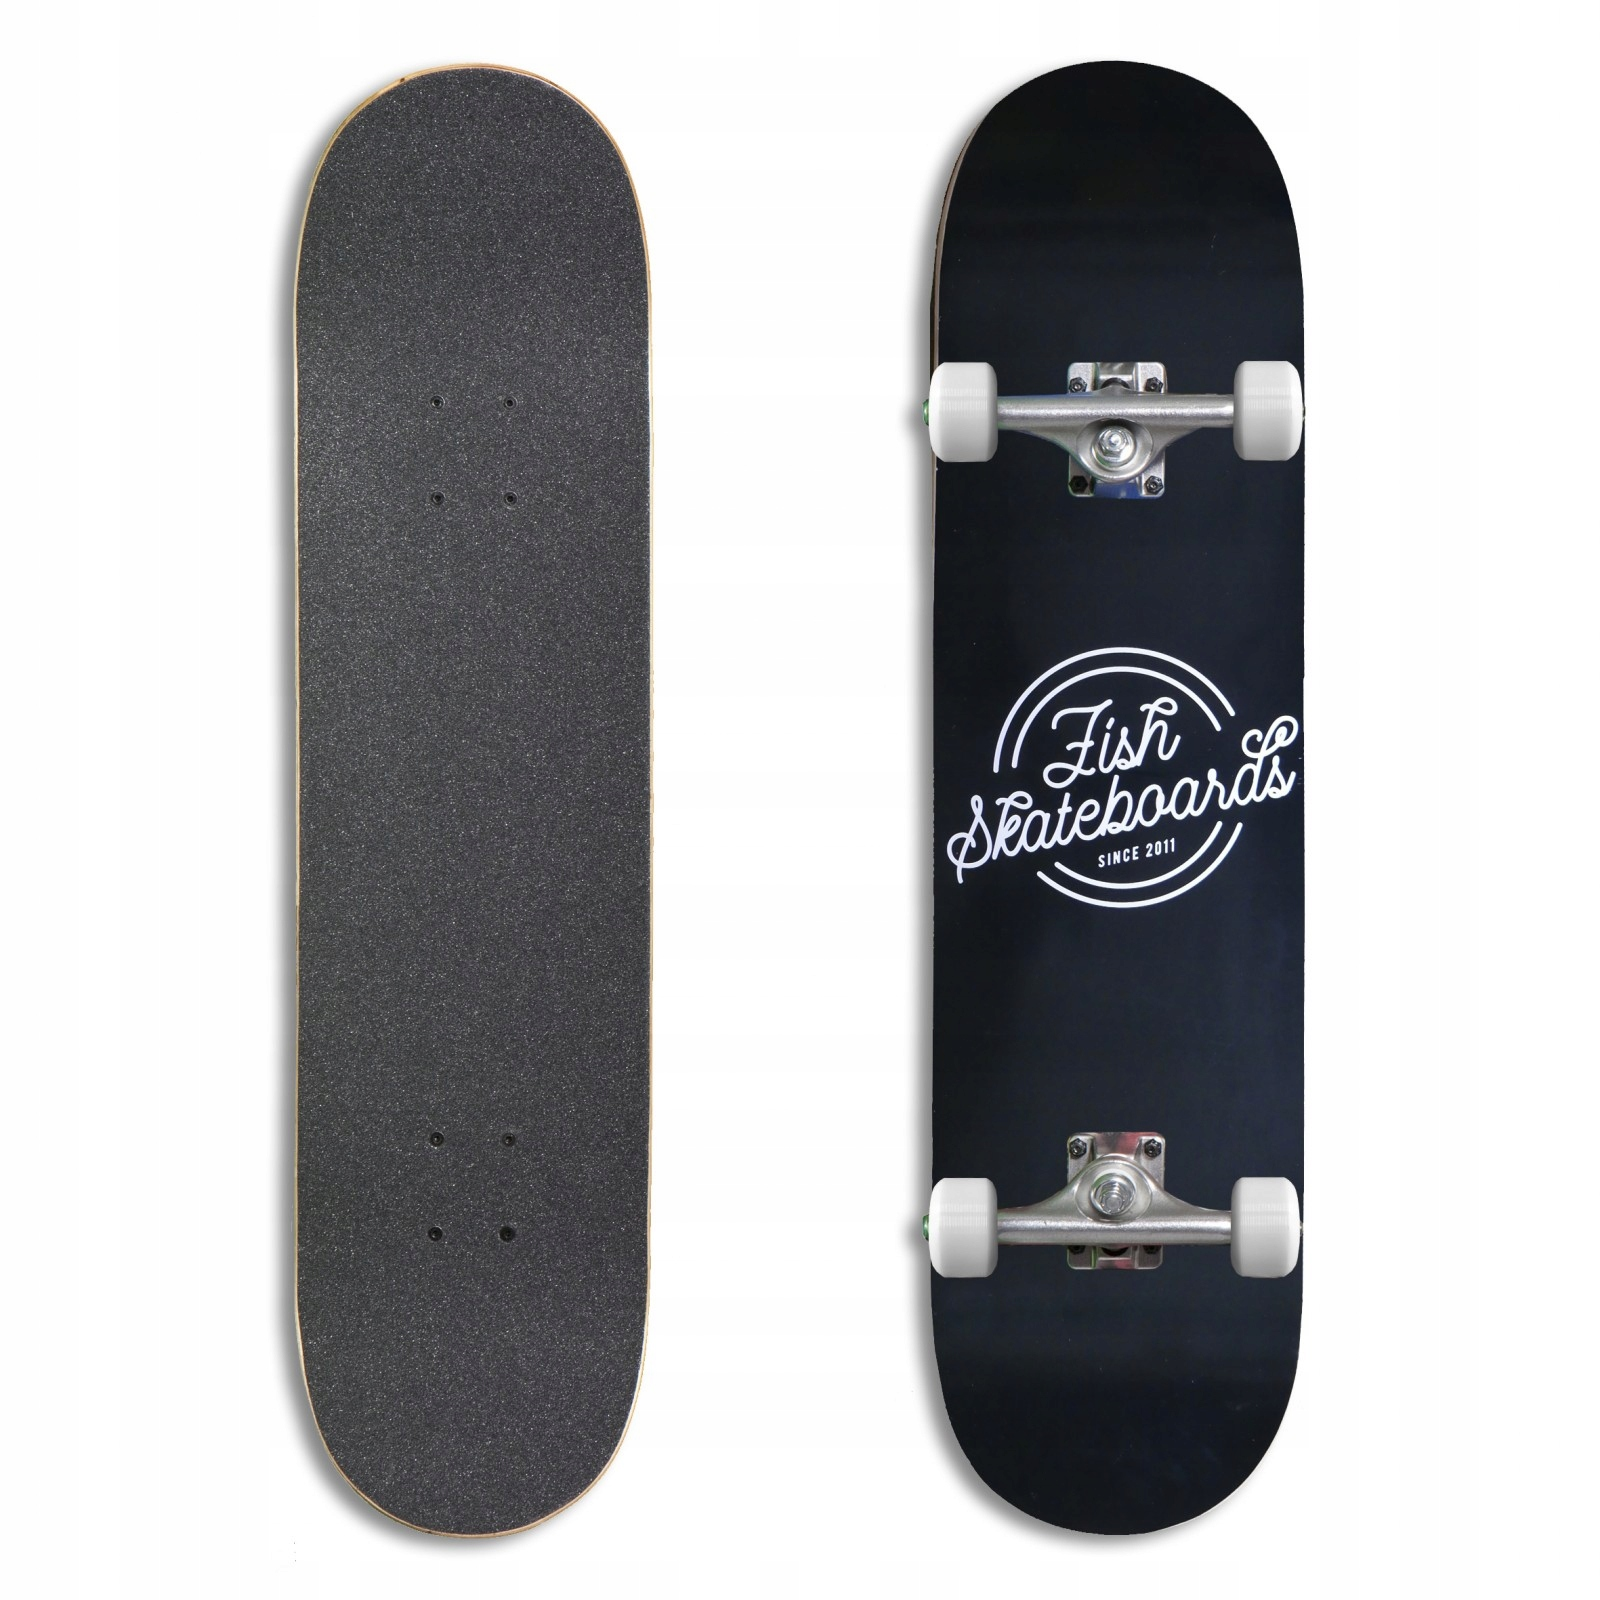 Výkonný skateboard Fishskateboards Retro 8.0